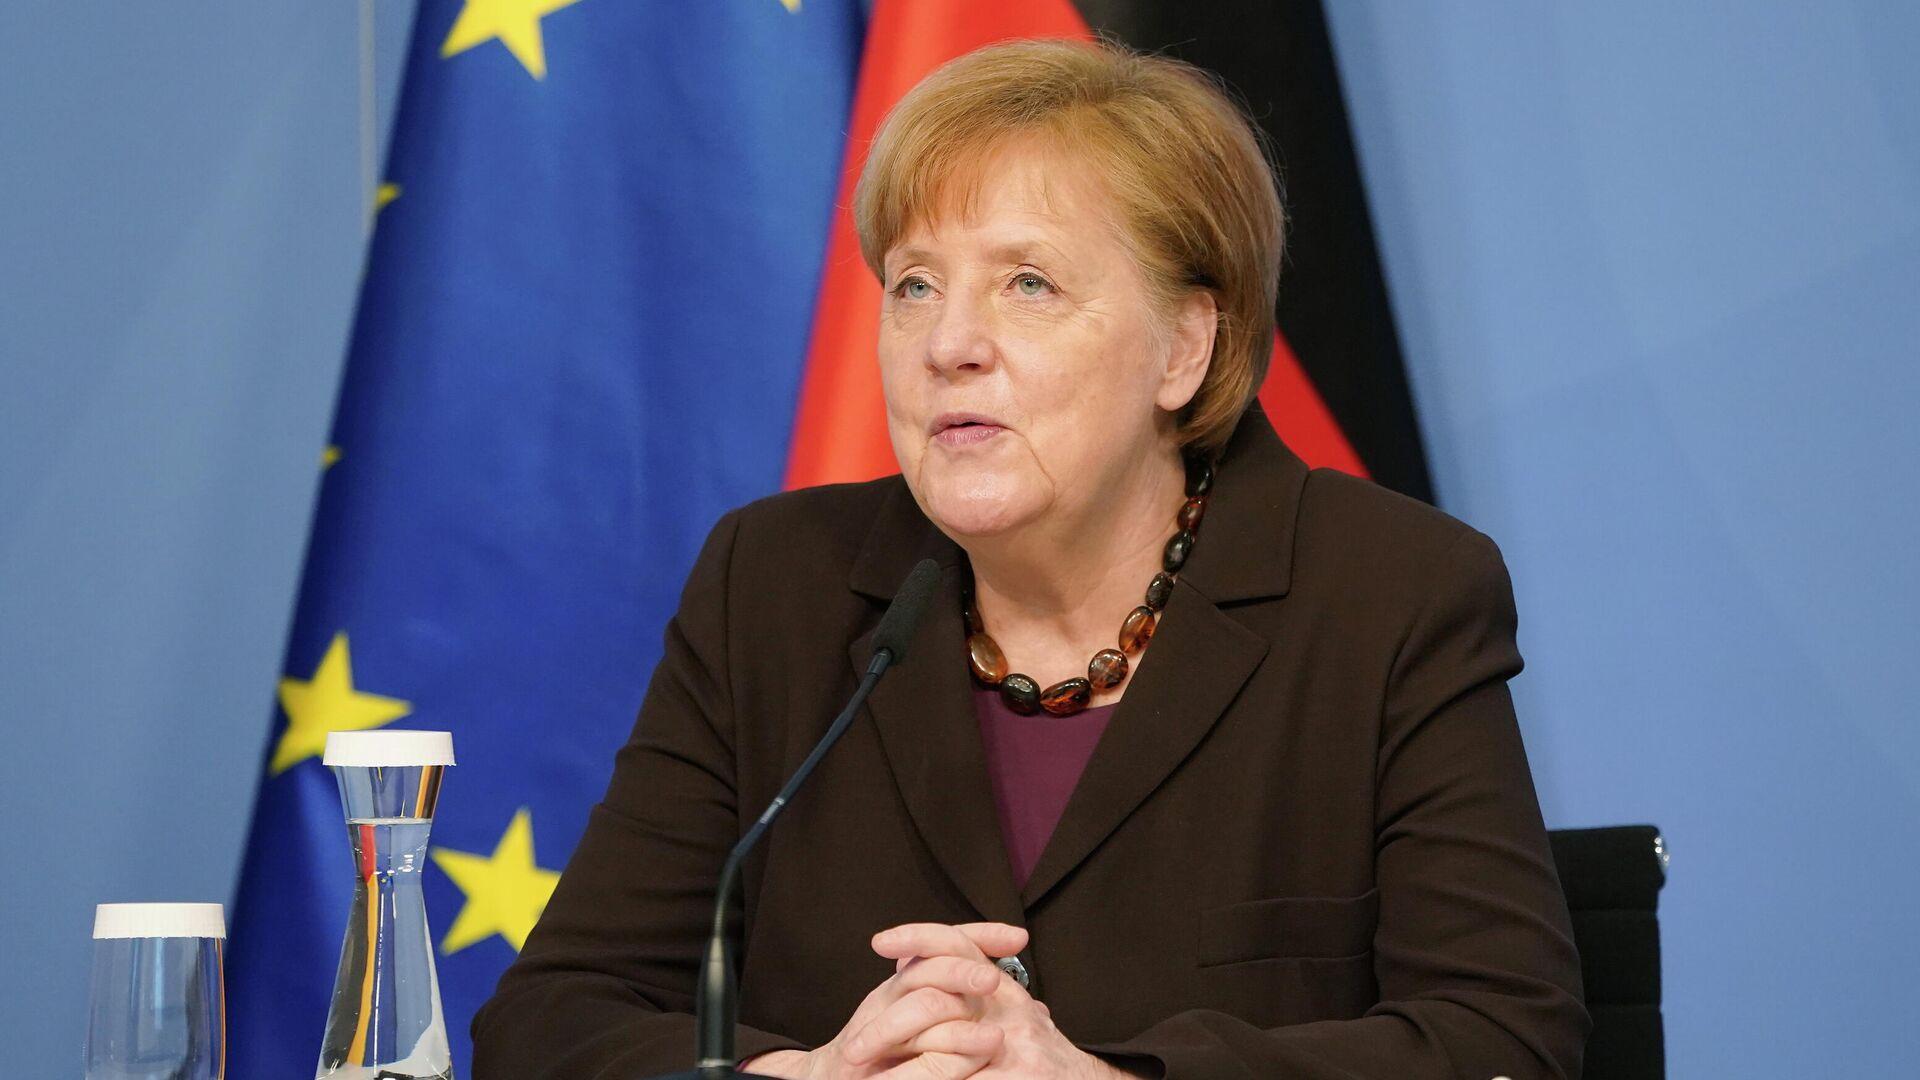 Bundeskanzlerin Angela Merkel referiert in einer Sitzung des Expertenrates für Forschung und Innovation (EFI). Berlin, 24. Februar 2021 - SNA, 1920, 24.02.2021